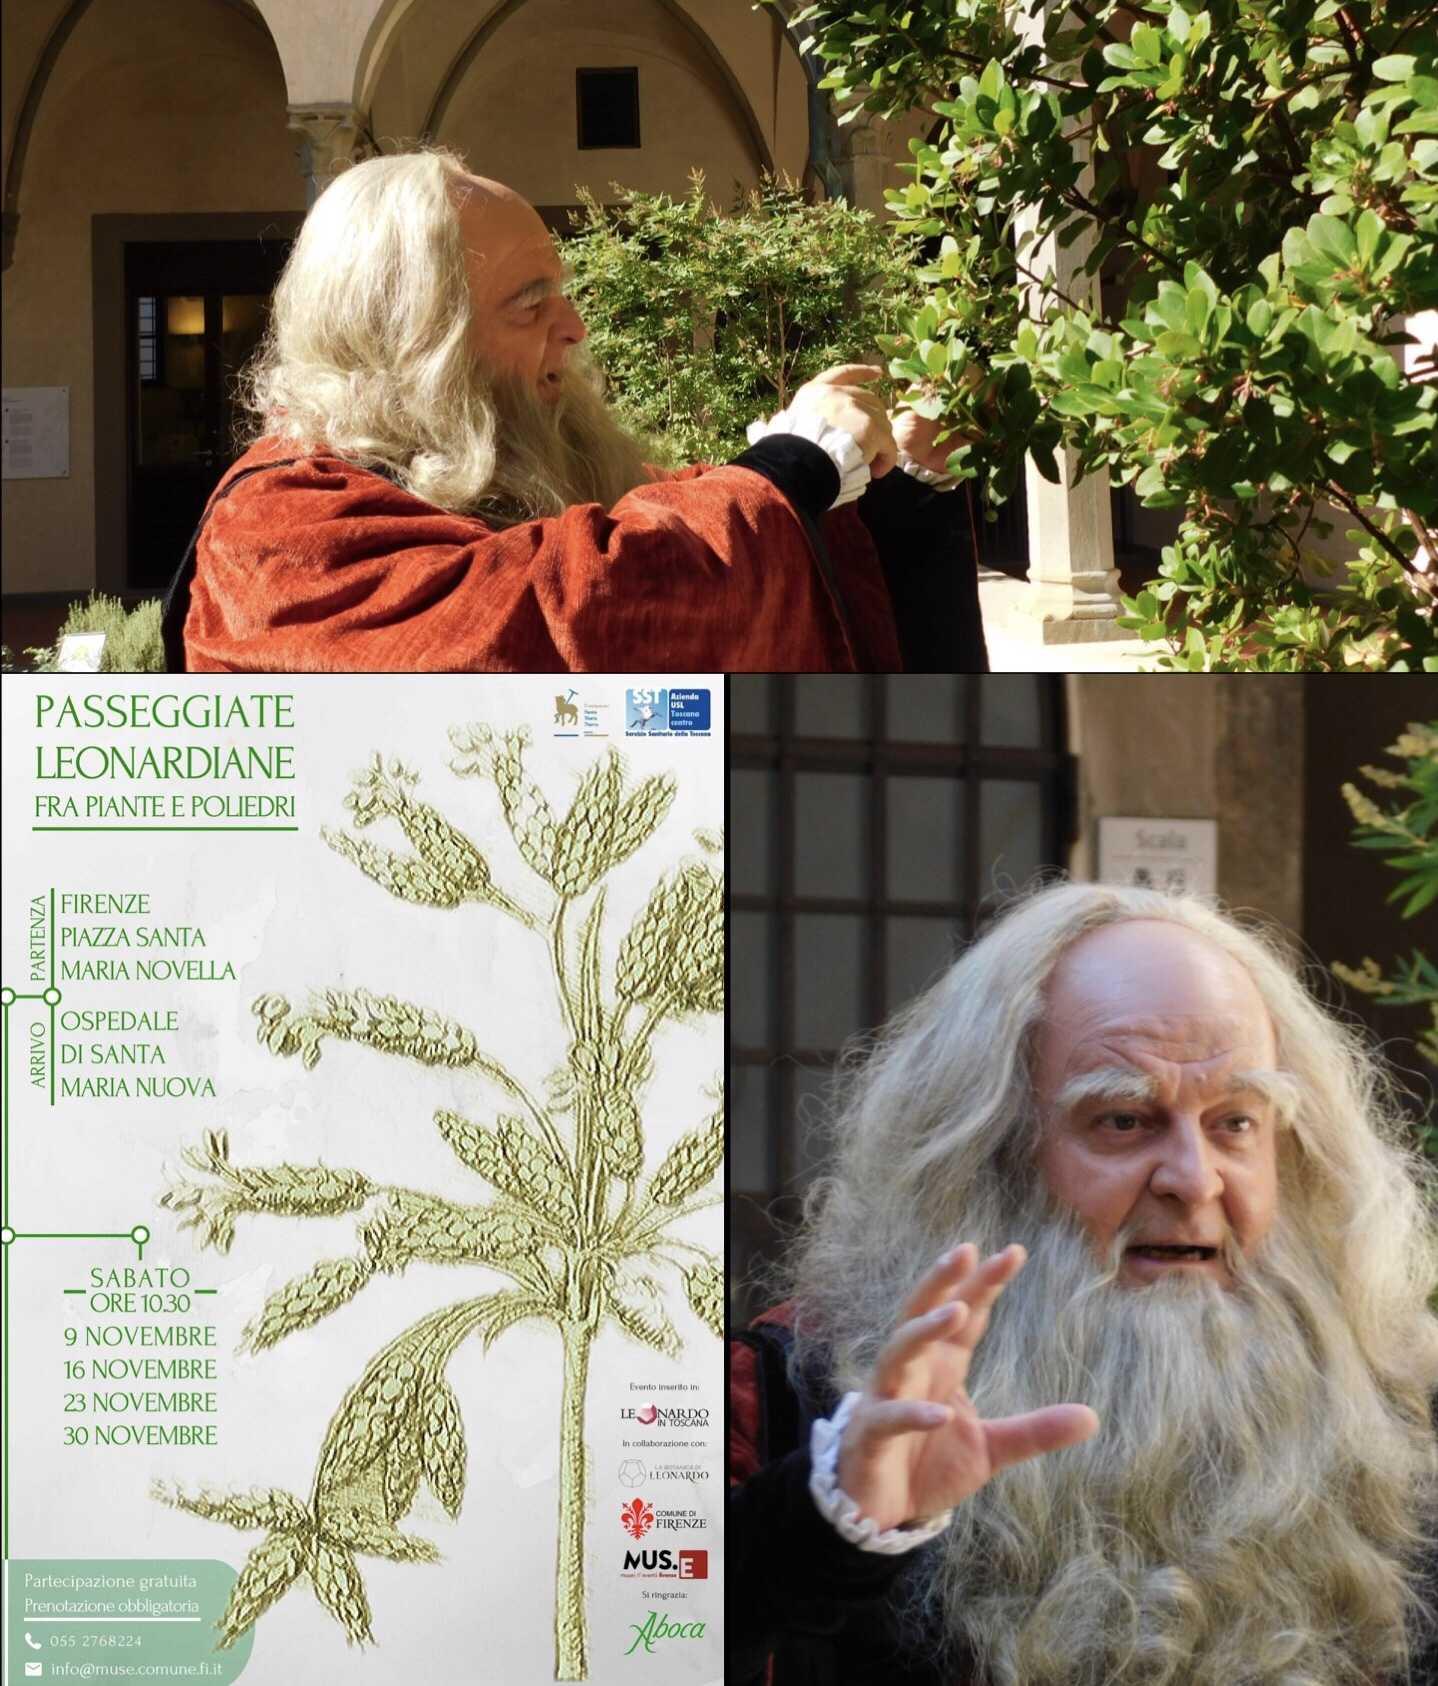 Tornano le Passeggiate Botaniche Leonardiane in Santa Maria Nuova con Fabio Baronti nei panni di Leonardo da Vinci